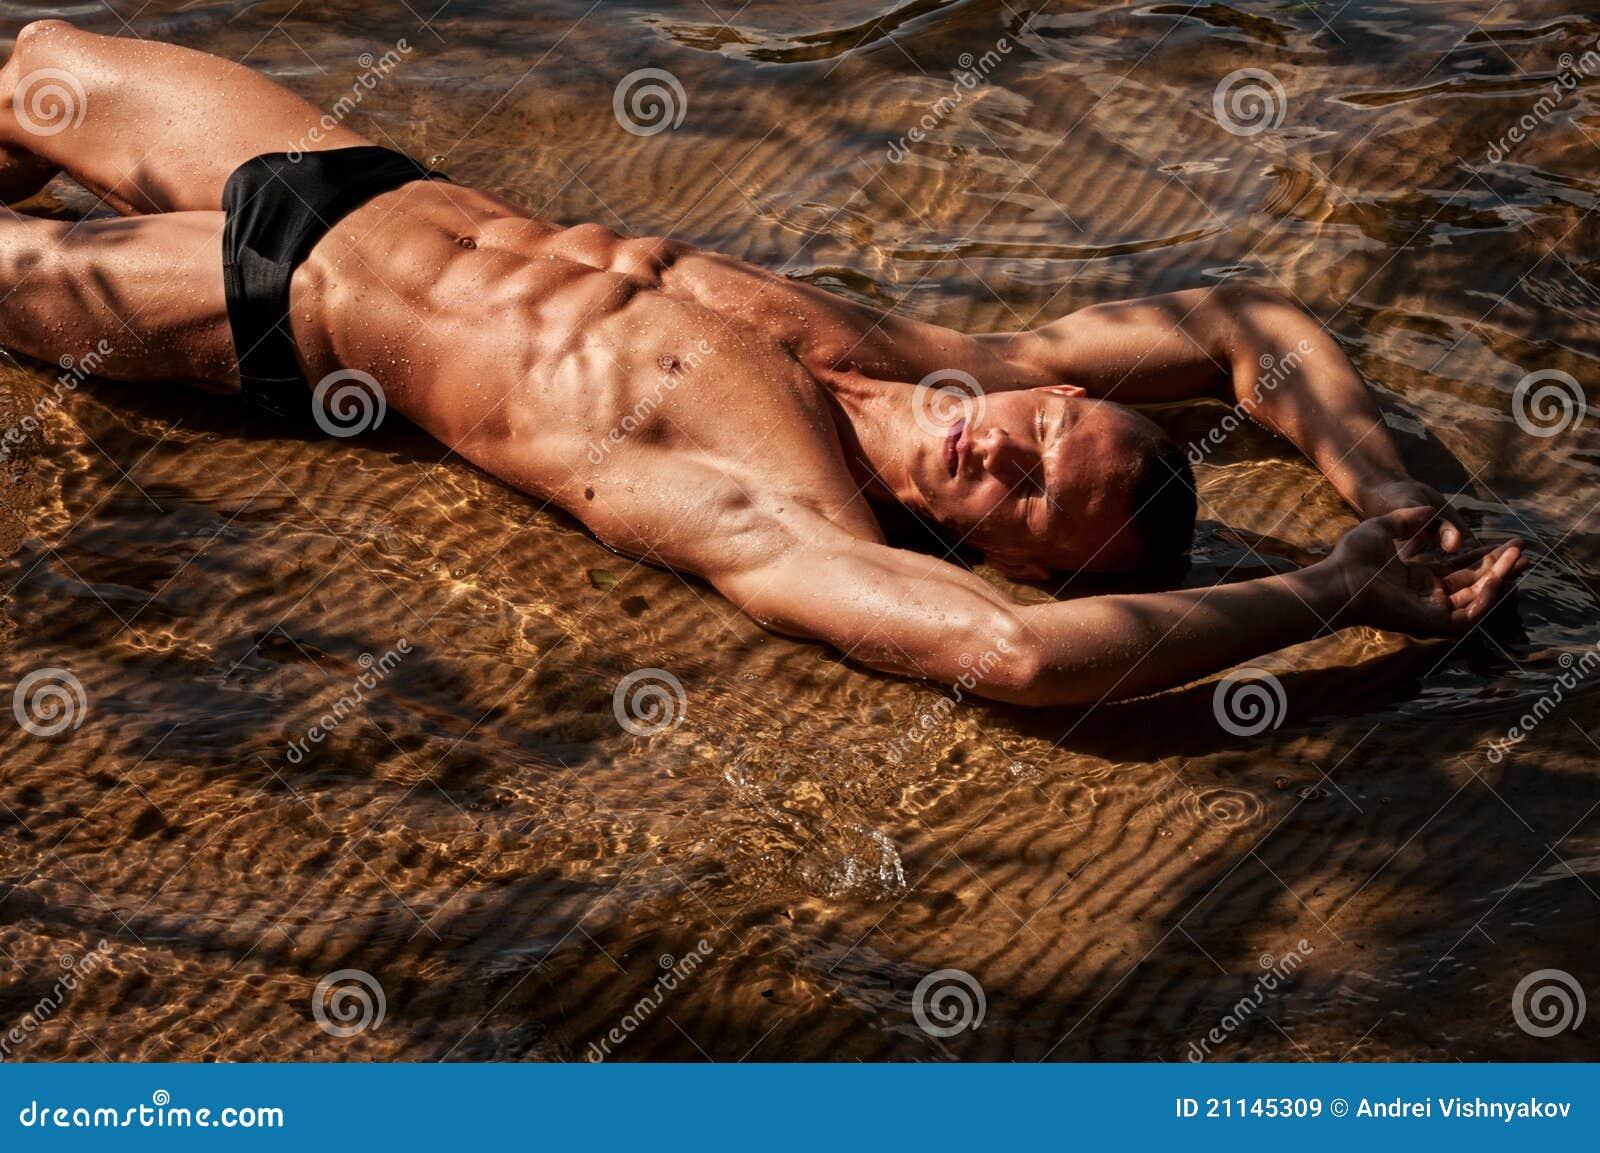 Секс с мускулистым парнем фото, Чешские бисексуалки наслаждаются сексом втроем на 27 фотография